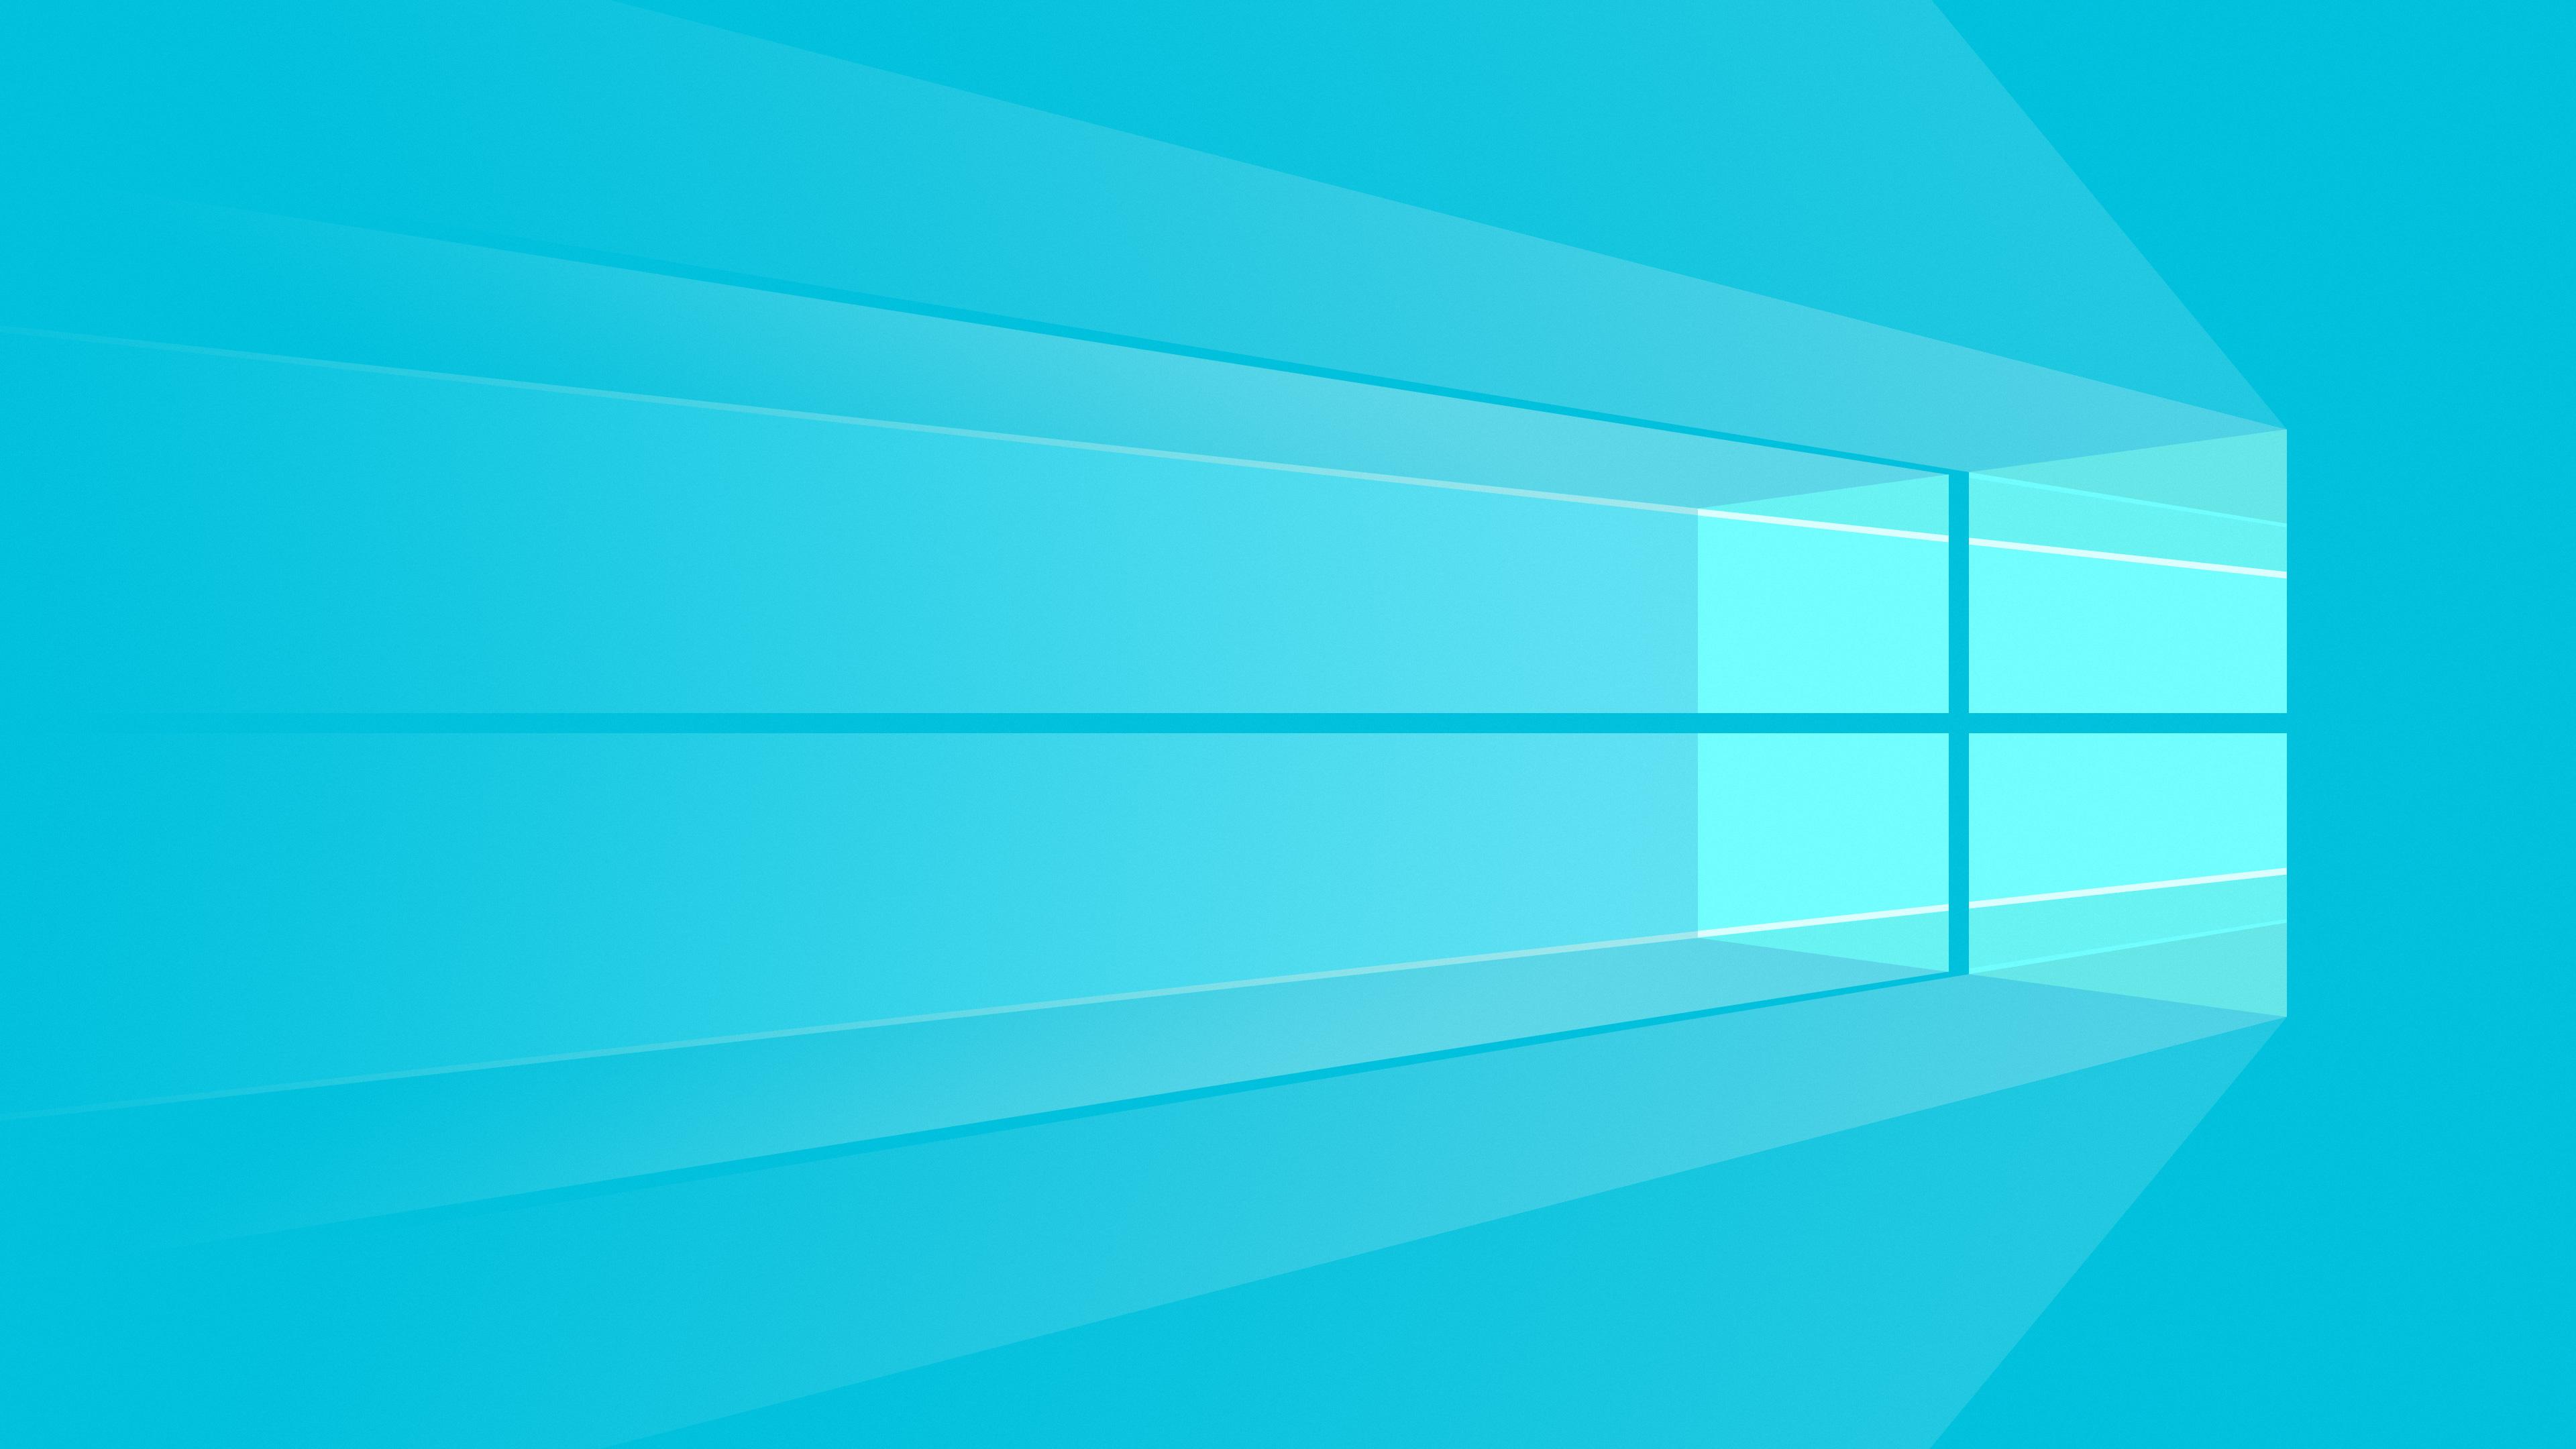 Windows 10 Minimalist 4k, Hd Computer, 4k Wallpapers, - Windows 10 Pro Wallpaper Hd - HD Wallpaper